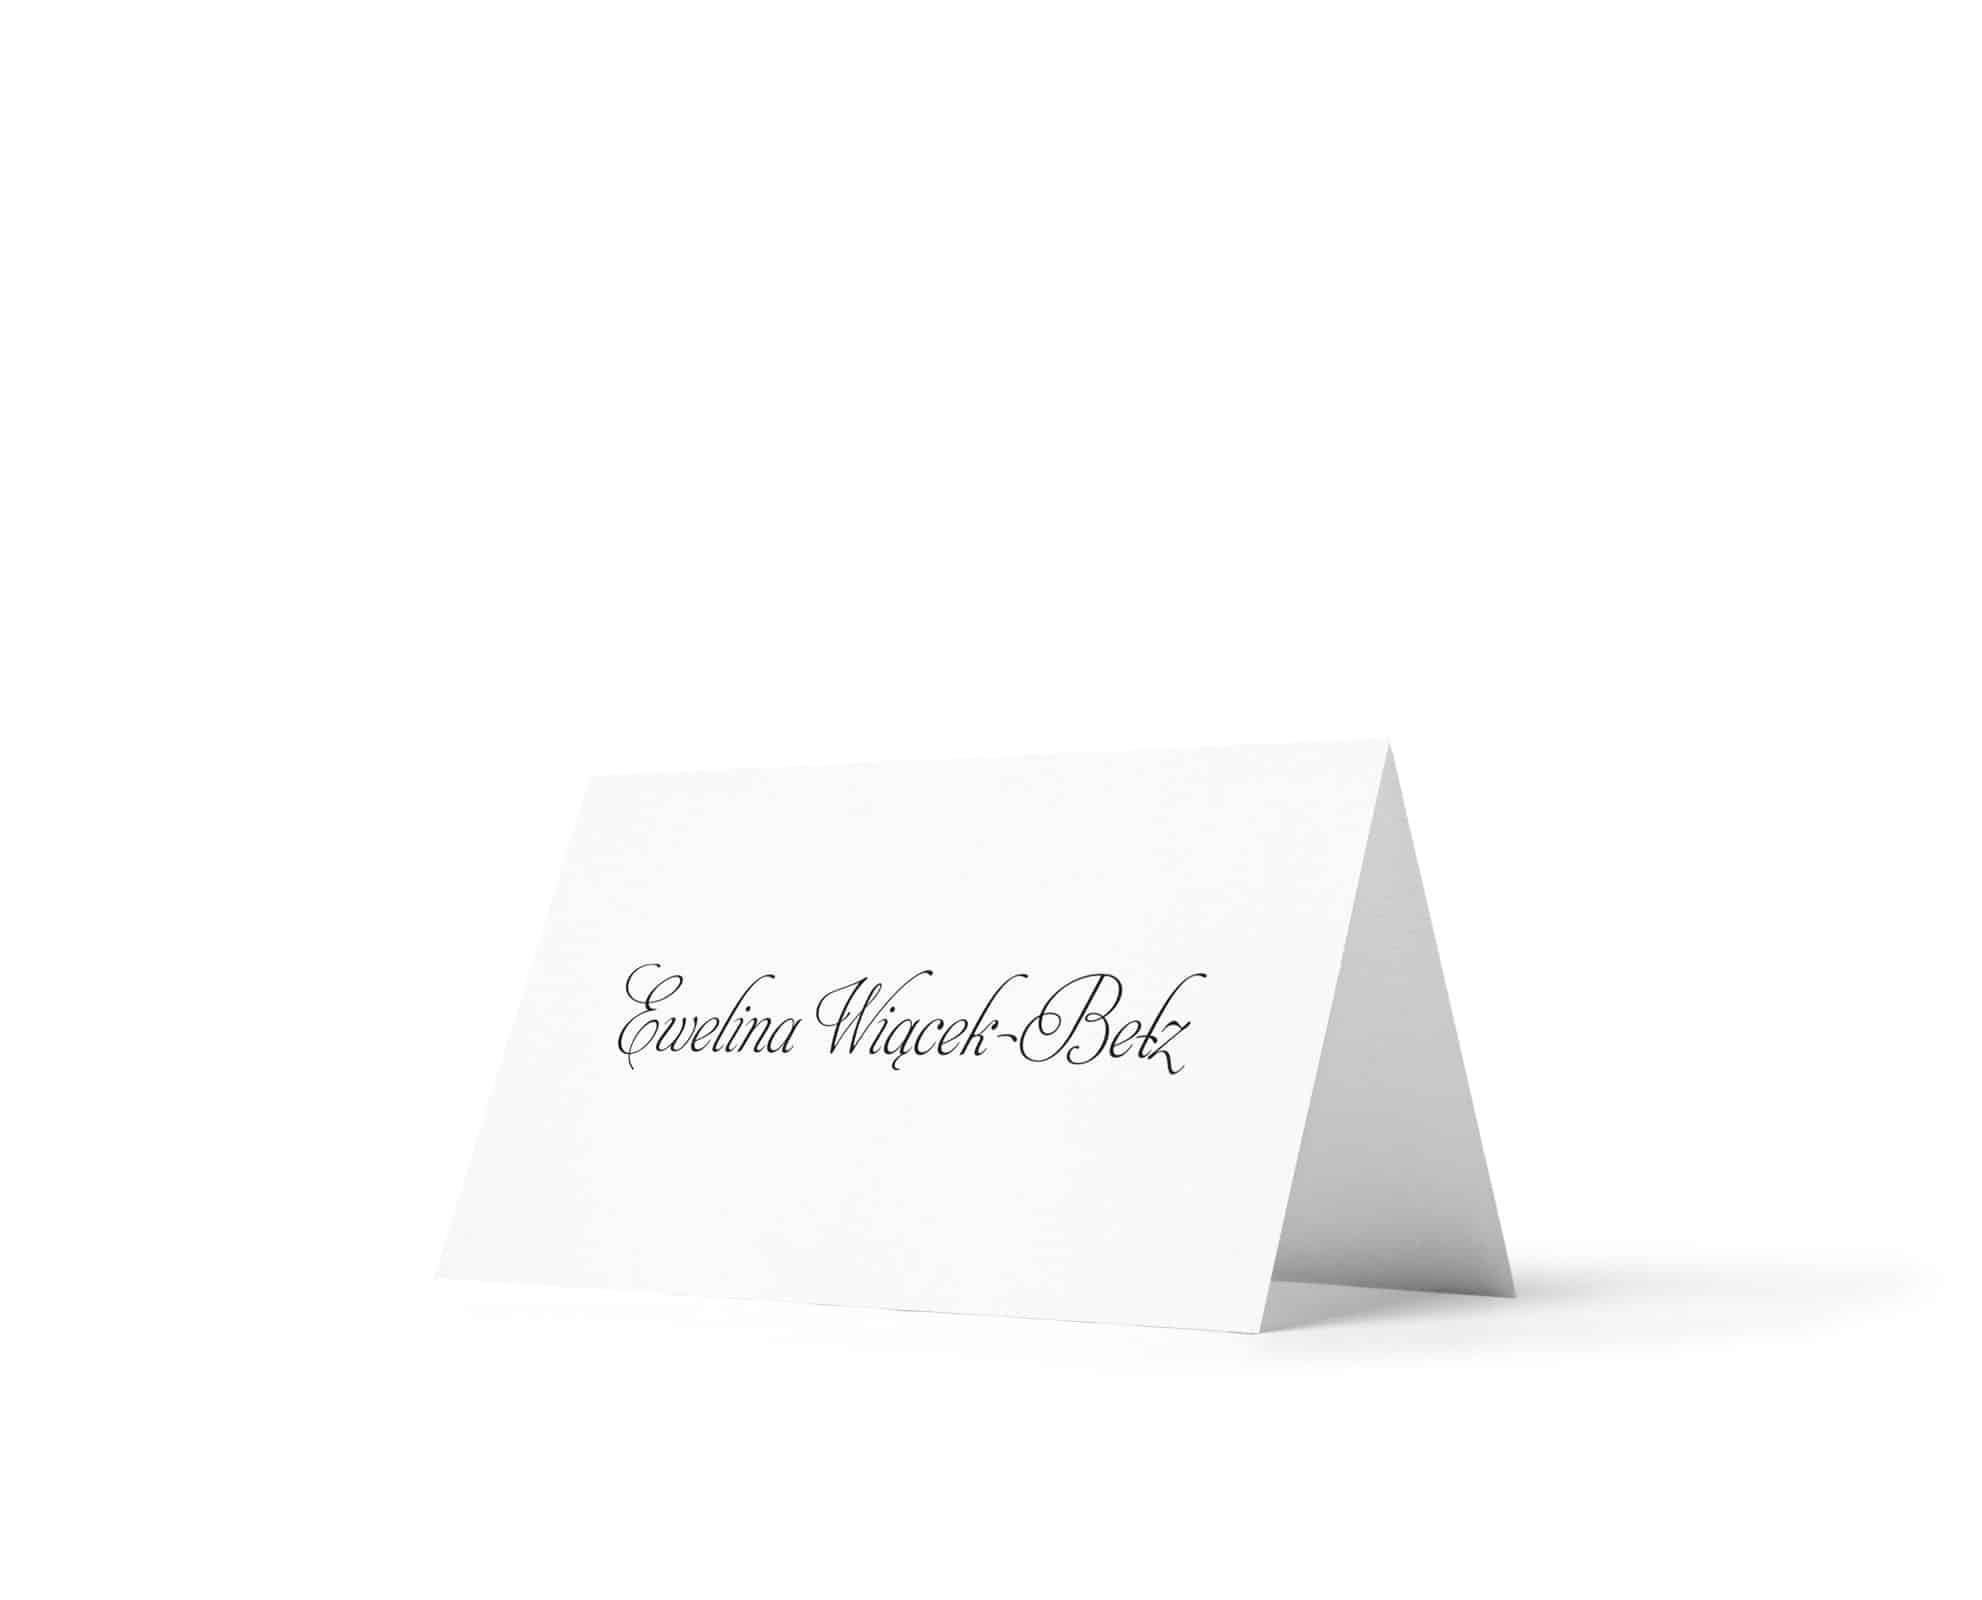 Winietki wypisane odręczną czcionką, proste na białym papierze